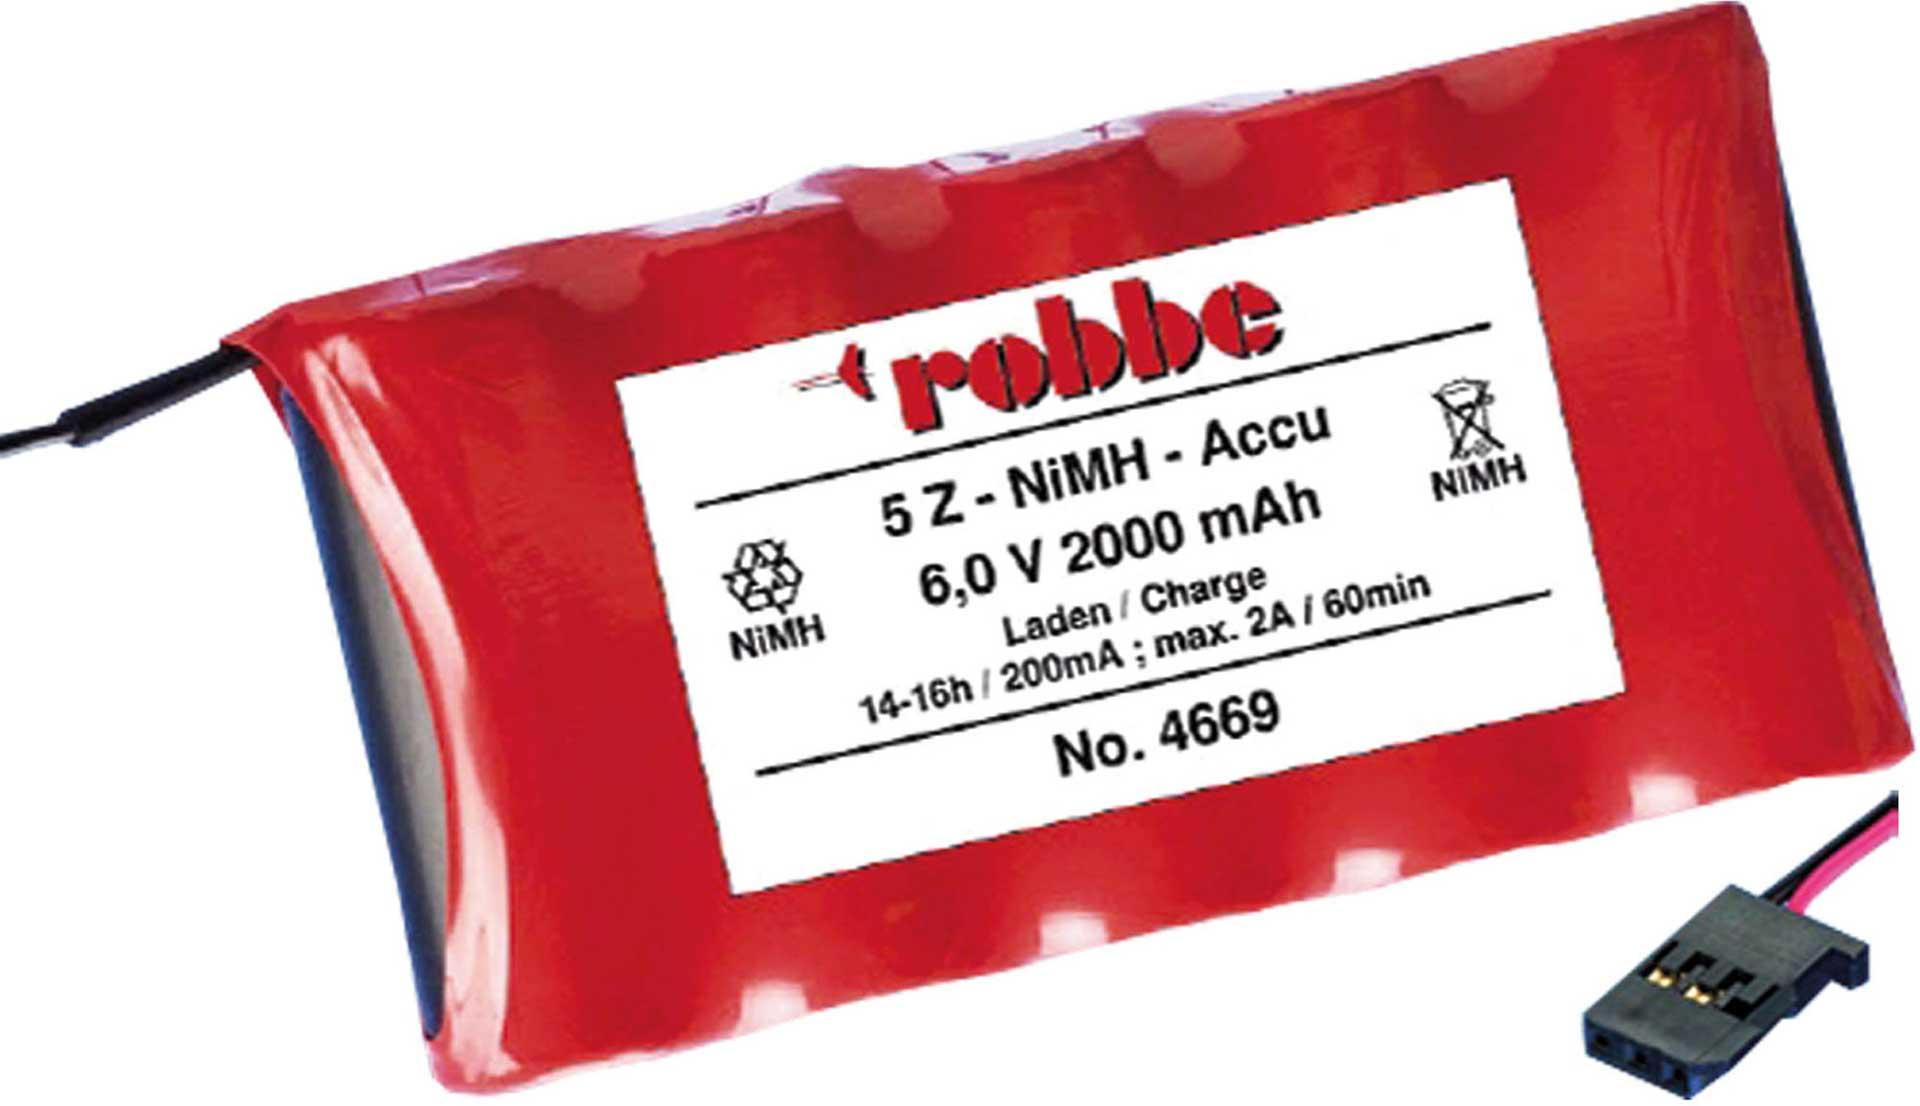 Robbe Modellsport SENDERAKKU 2000MAH/6V NIMH 4/5A T6J